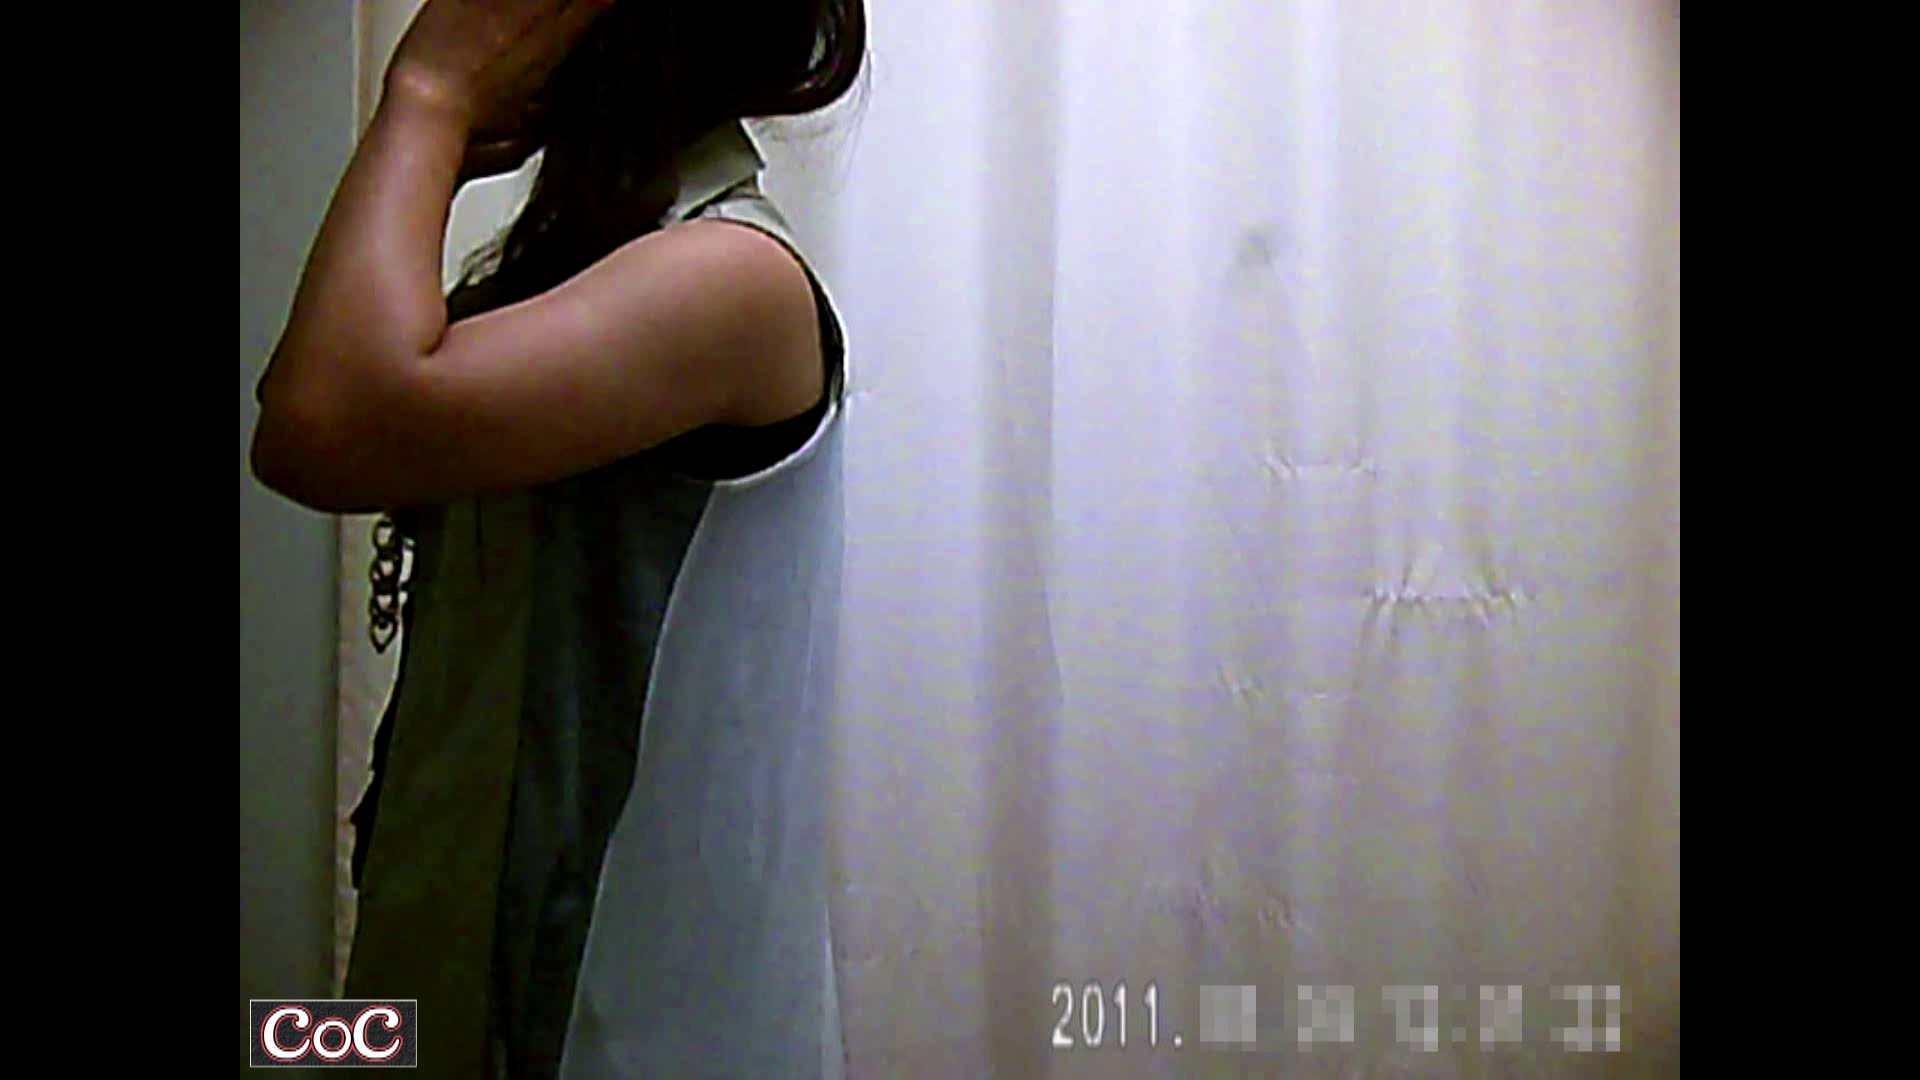 病院おもいっきり着替え! vol.10 OLセックス のぞき動画画像 109画像 79